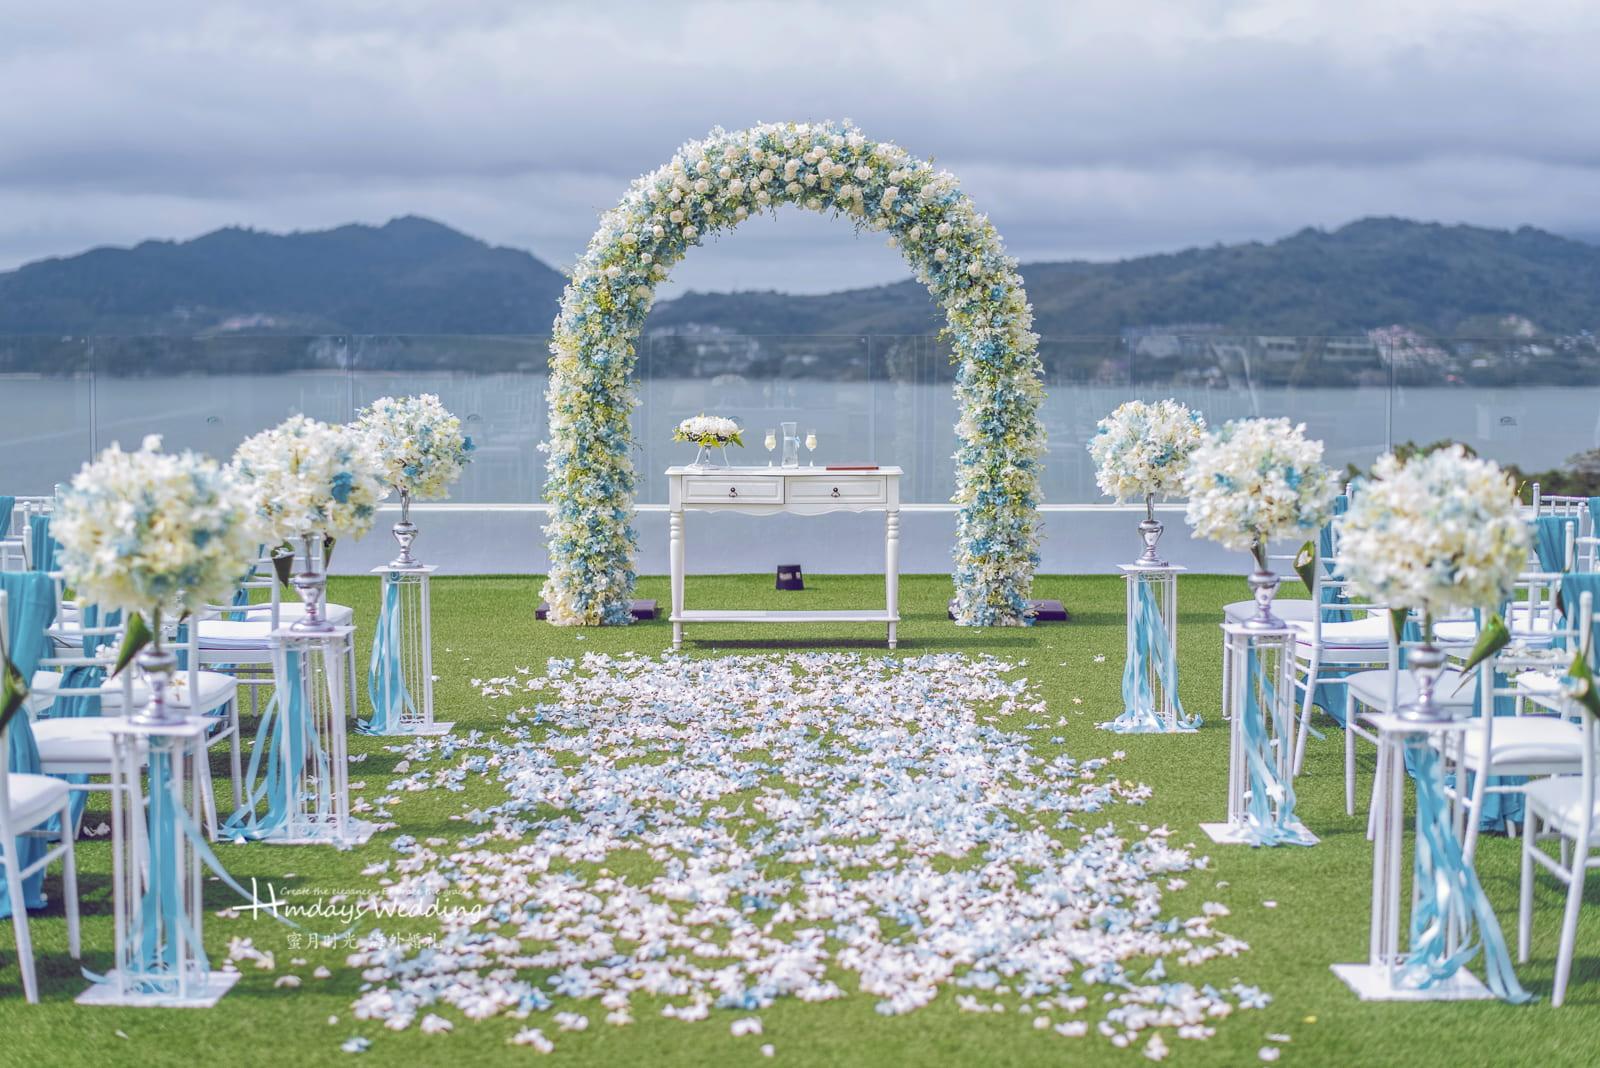 普吉岛Crest克雷斯特海景草坪婚礼